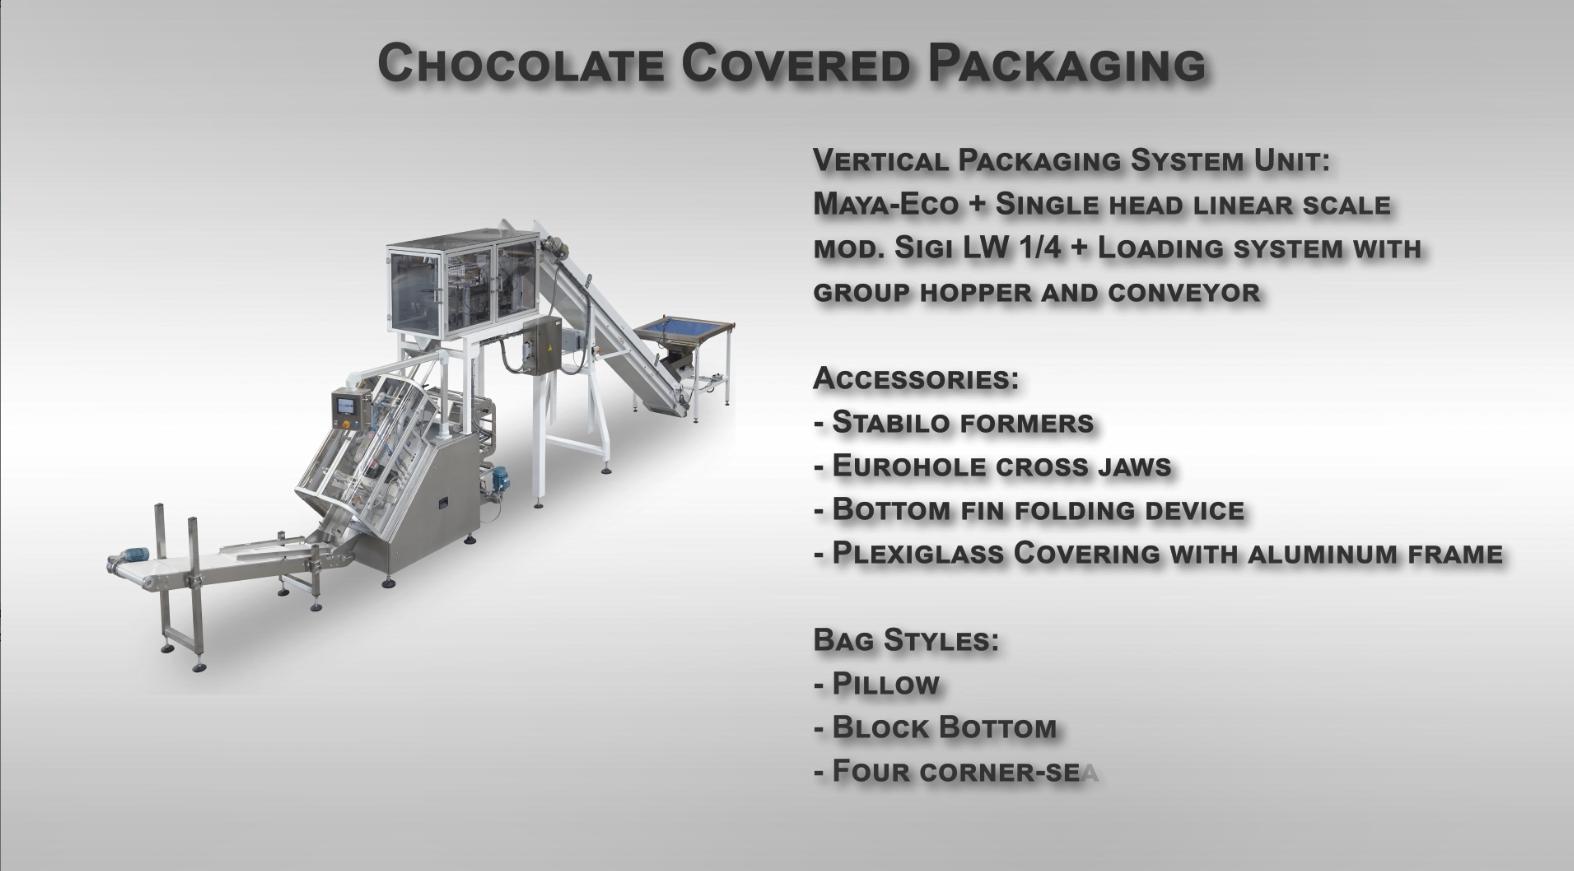 Confezionamento VFFS prodotti ricoperti di cioccolato